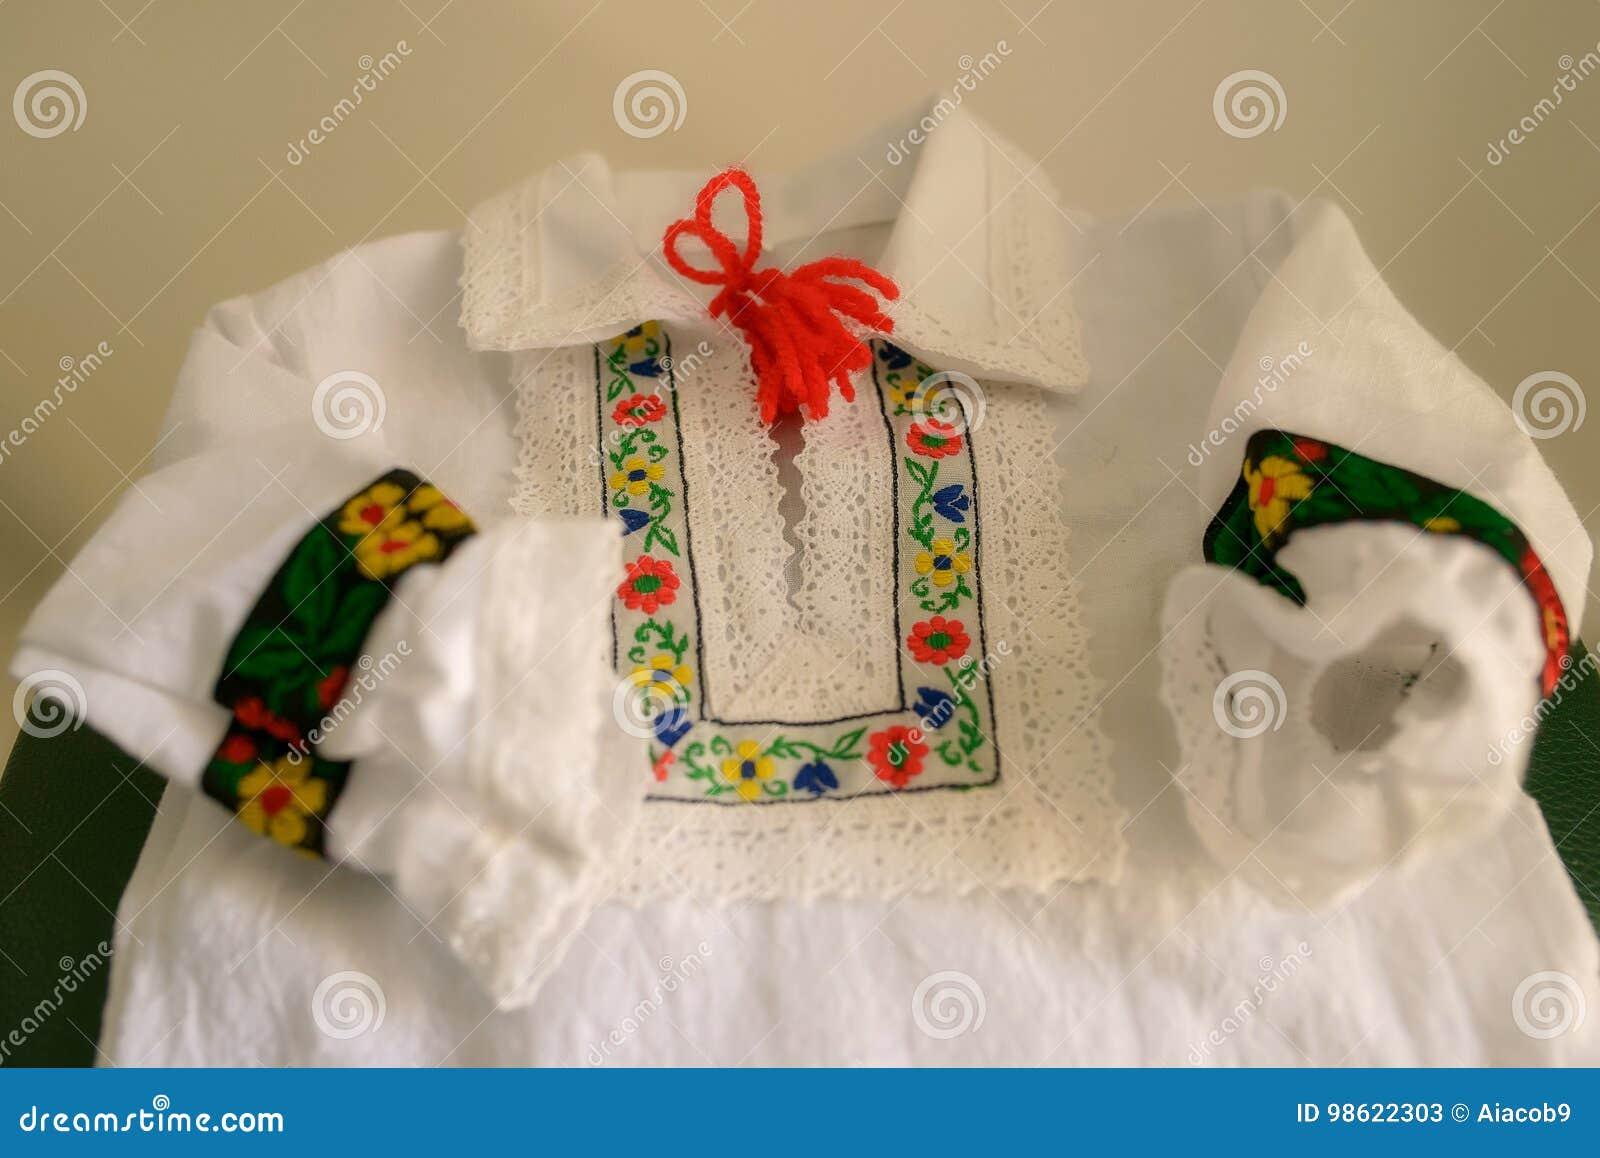 Blouse Of Overhemd.Traditioneel Roemeens Die Kinderen S Blouse Of Overhemd Met